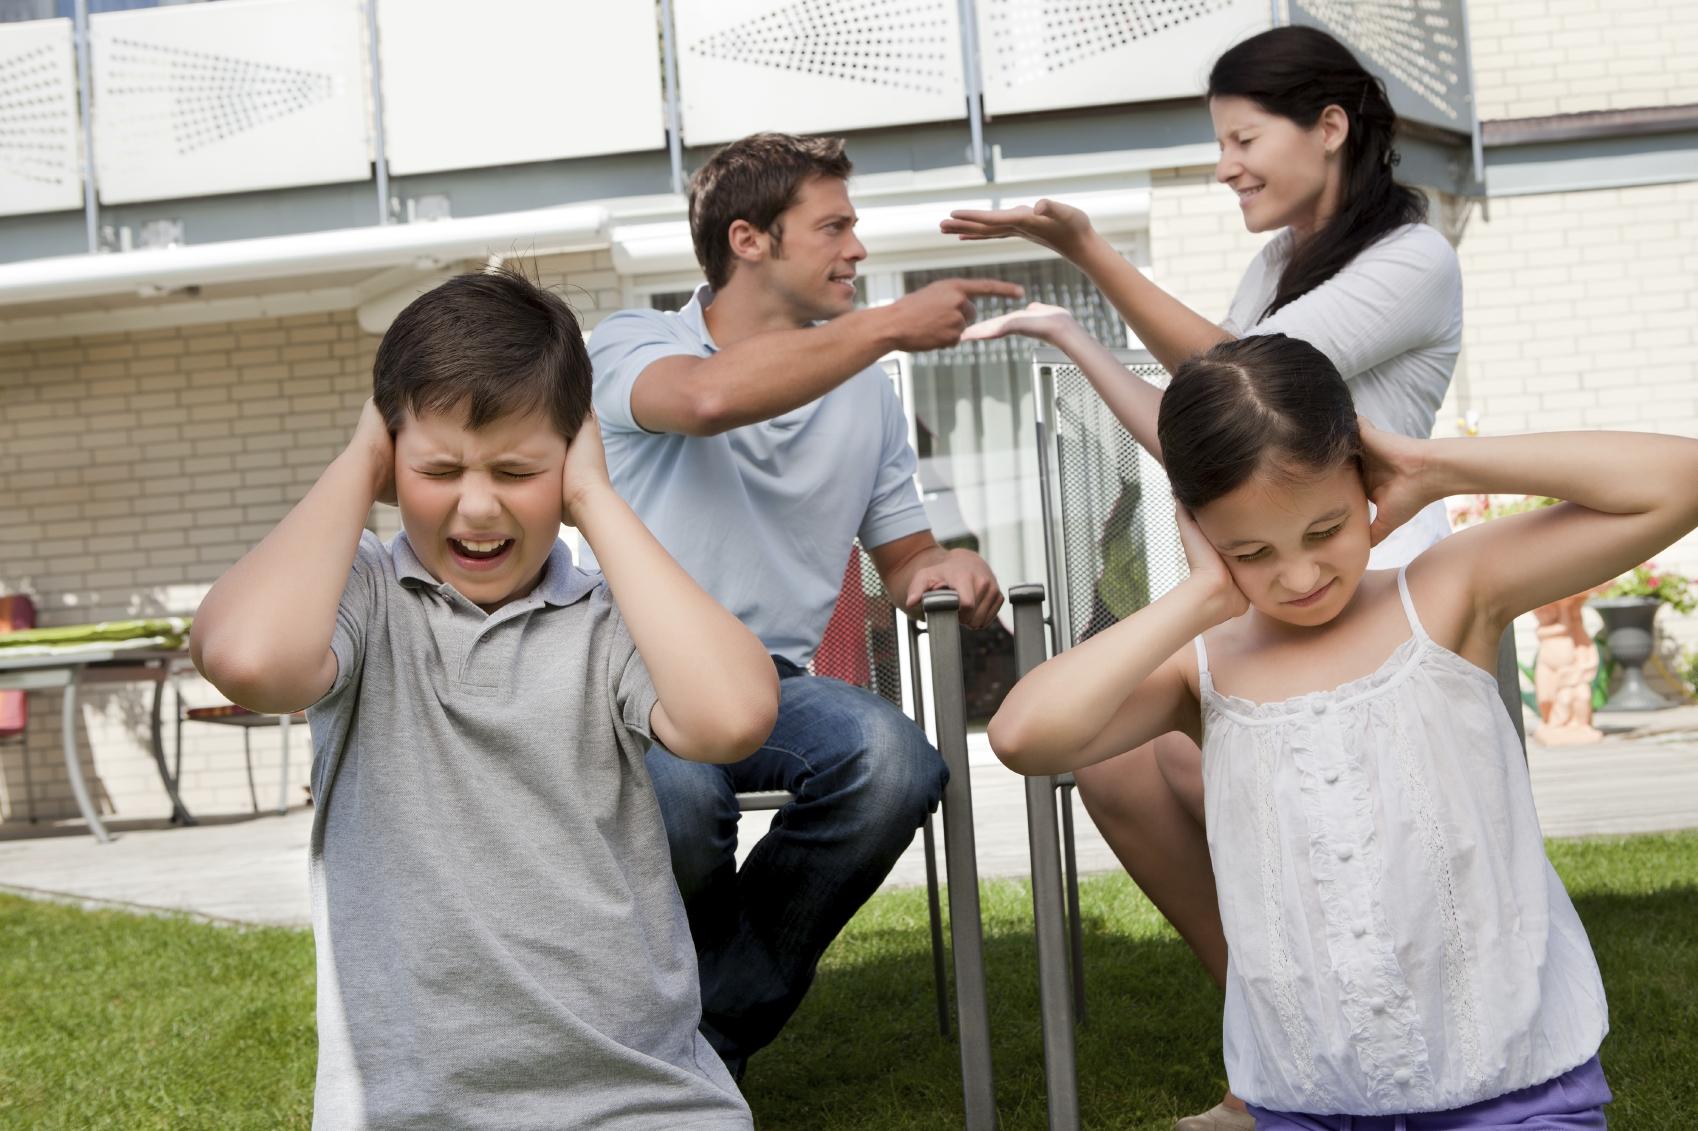 Мамочка, не ссорьтесь: как ссоры родителей влияют на ребенка